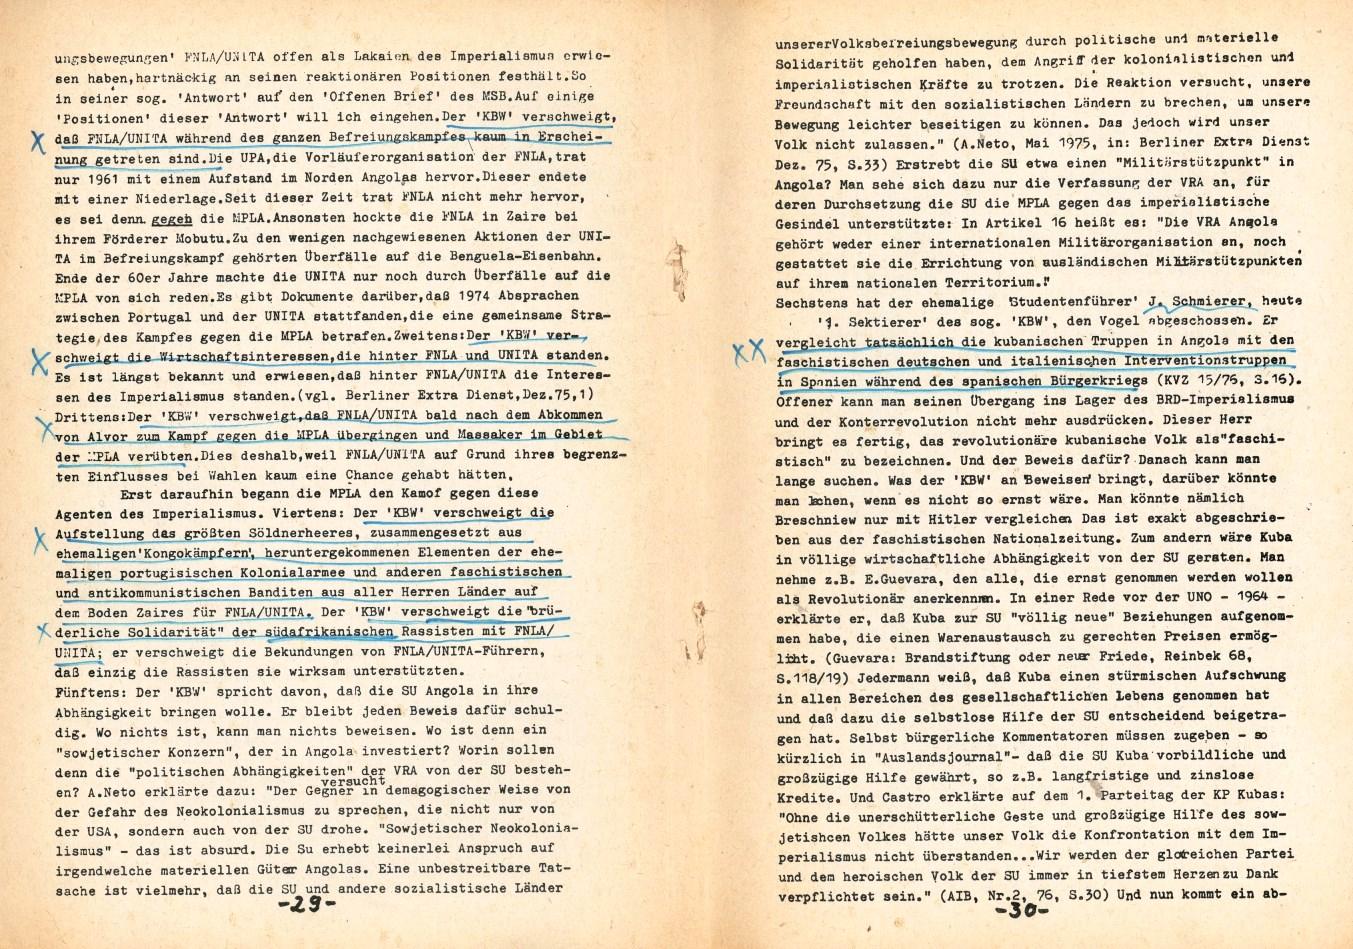 Giessen_MSB_1976_Der_KBW_eine_rechte_Organisation_17